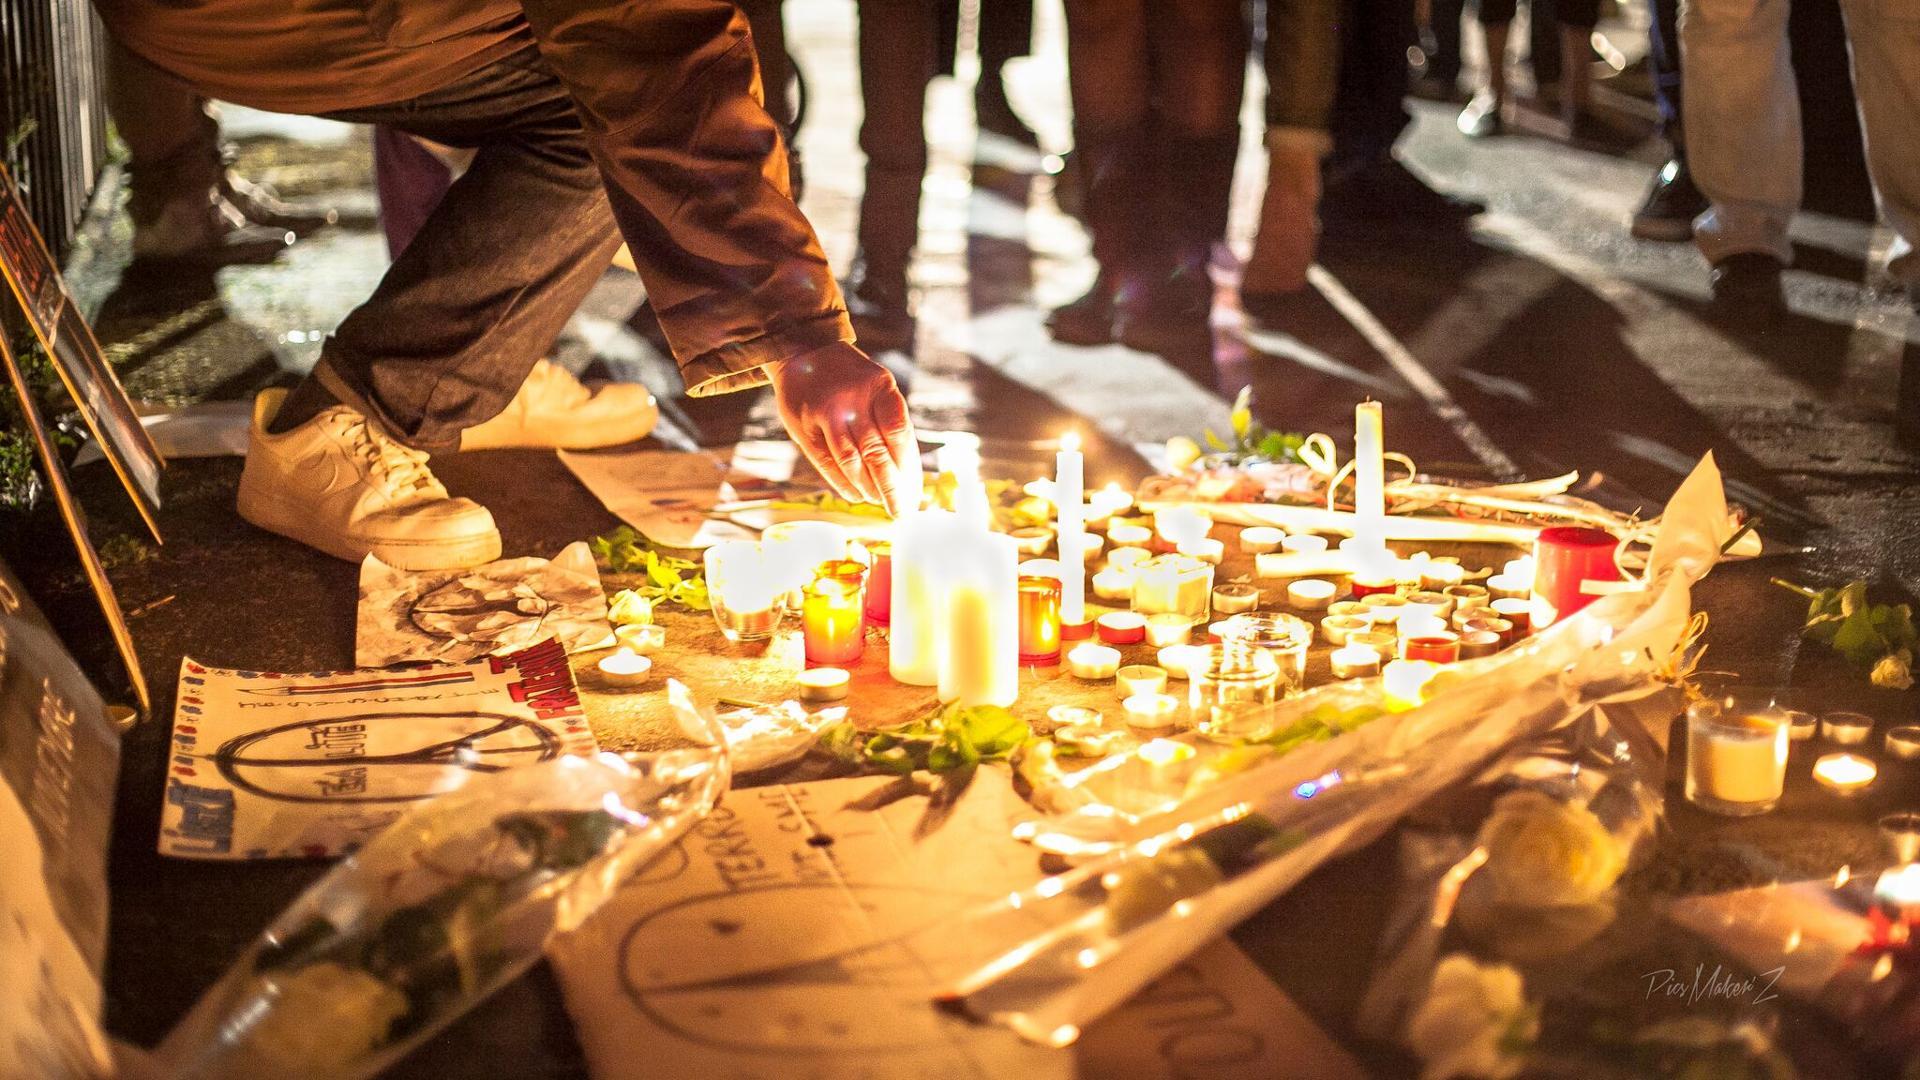 marche-attentats-13-novembre-2015-picsmakerz-0670.jpg